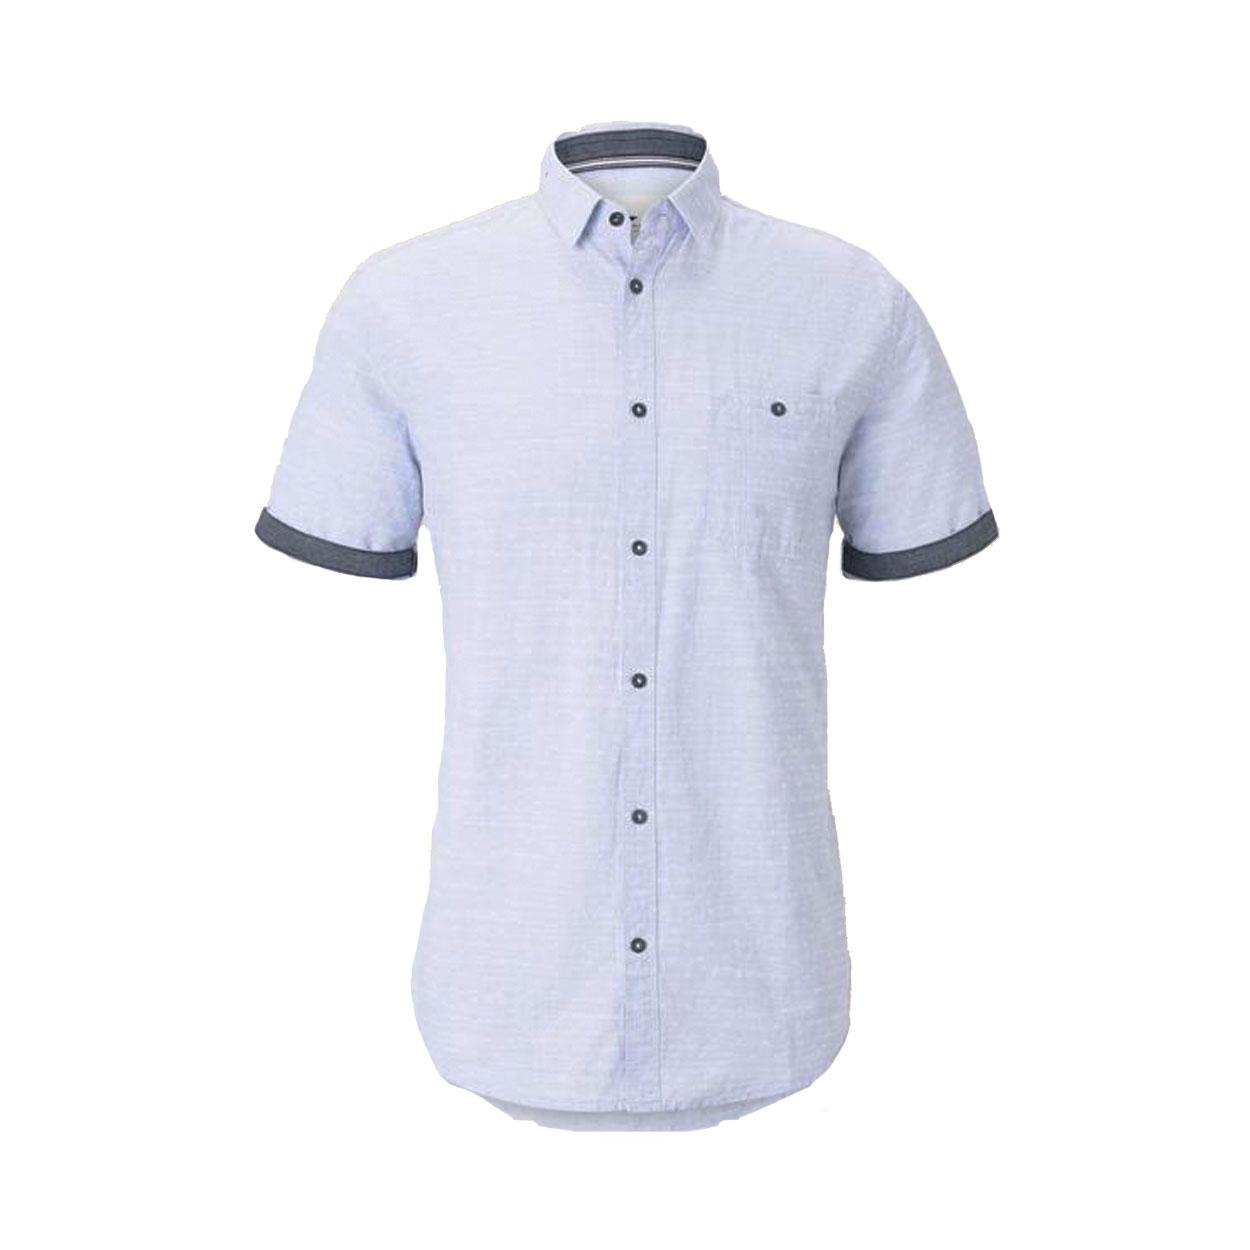 Chemise ajustée manches courtes  en coton bleu ciel à micros motifs blancs